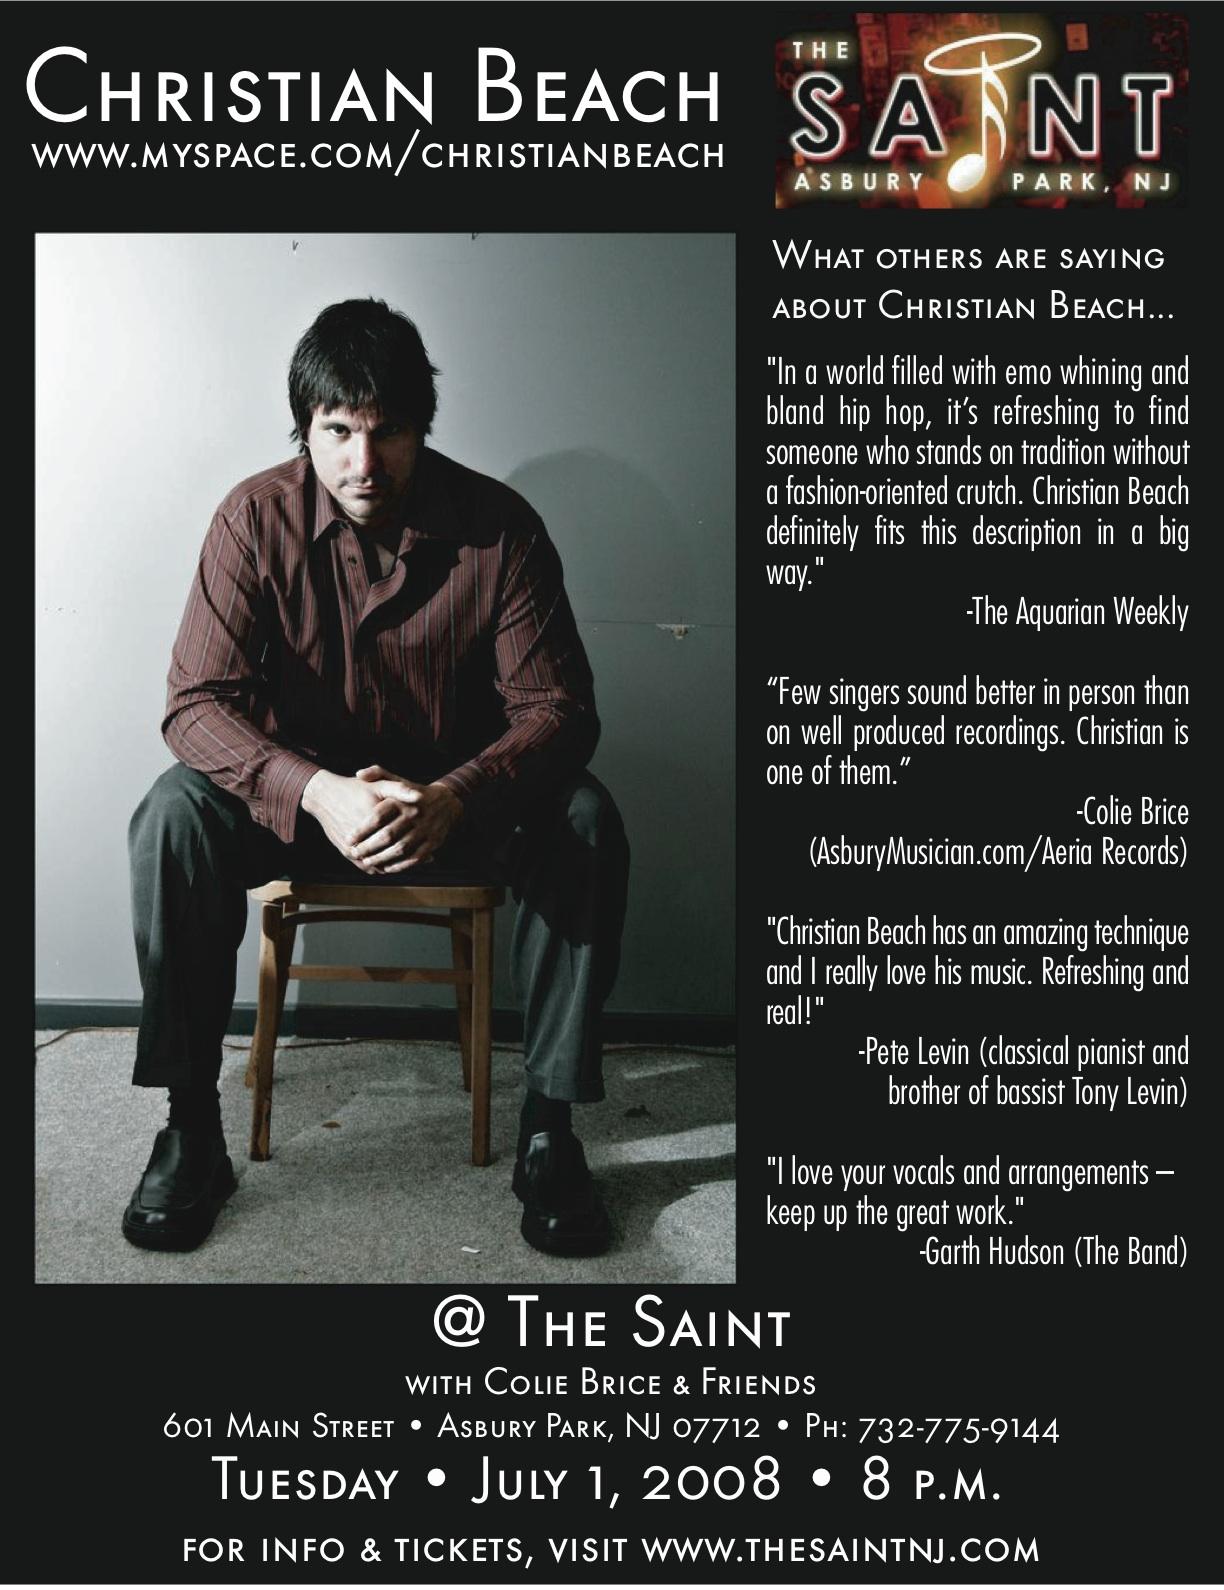 Christian Beach Live @ The Saint 7-1-08